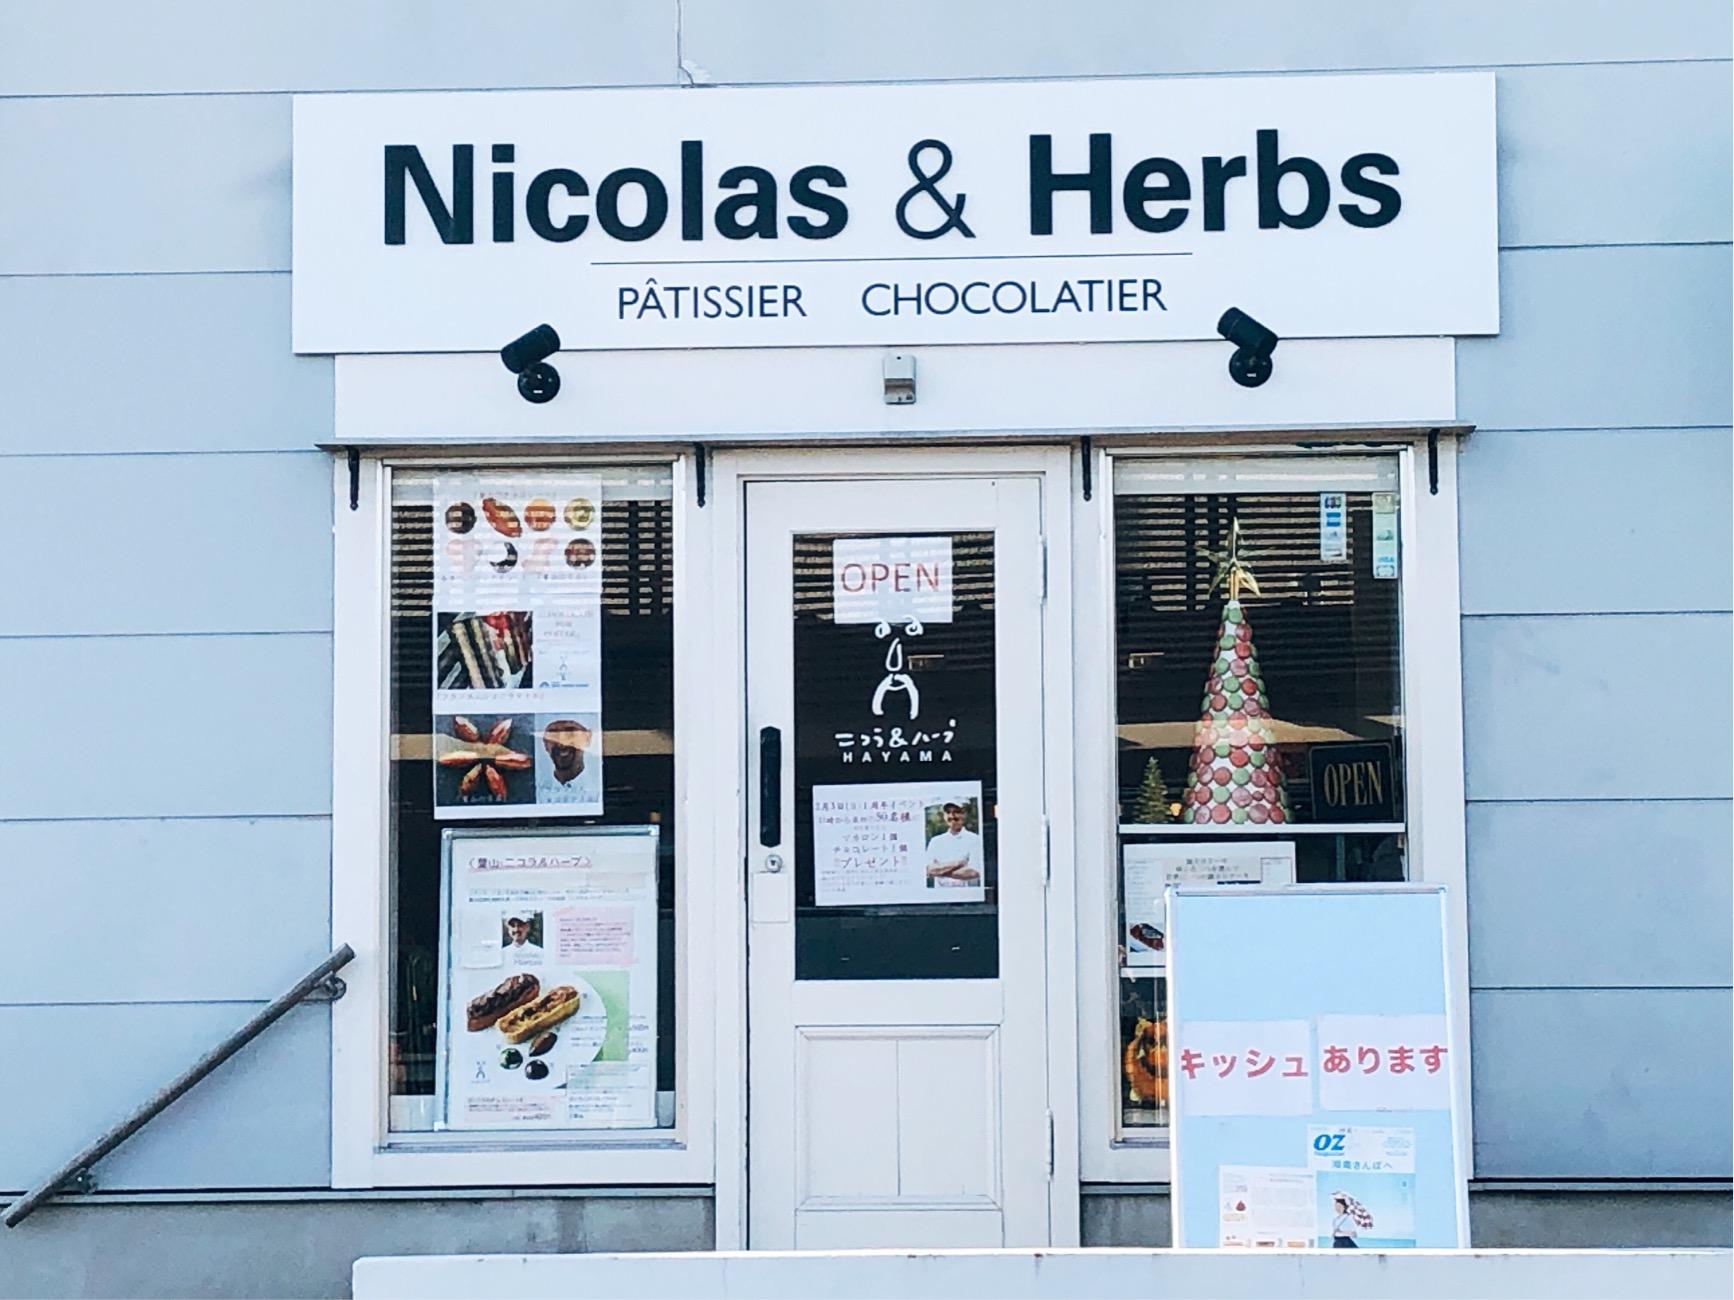 葉山で人気のチョコレート屋さん「Nicolas&Herbs(ニコラ&ハーブ)」のお店。白を基調とした建物に、紺色の文字。マリン調で可愛らしい。